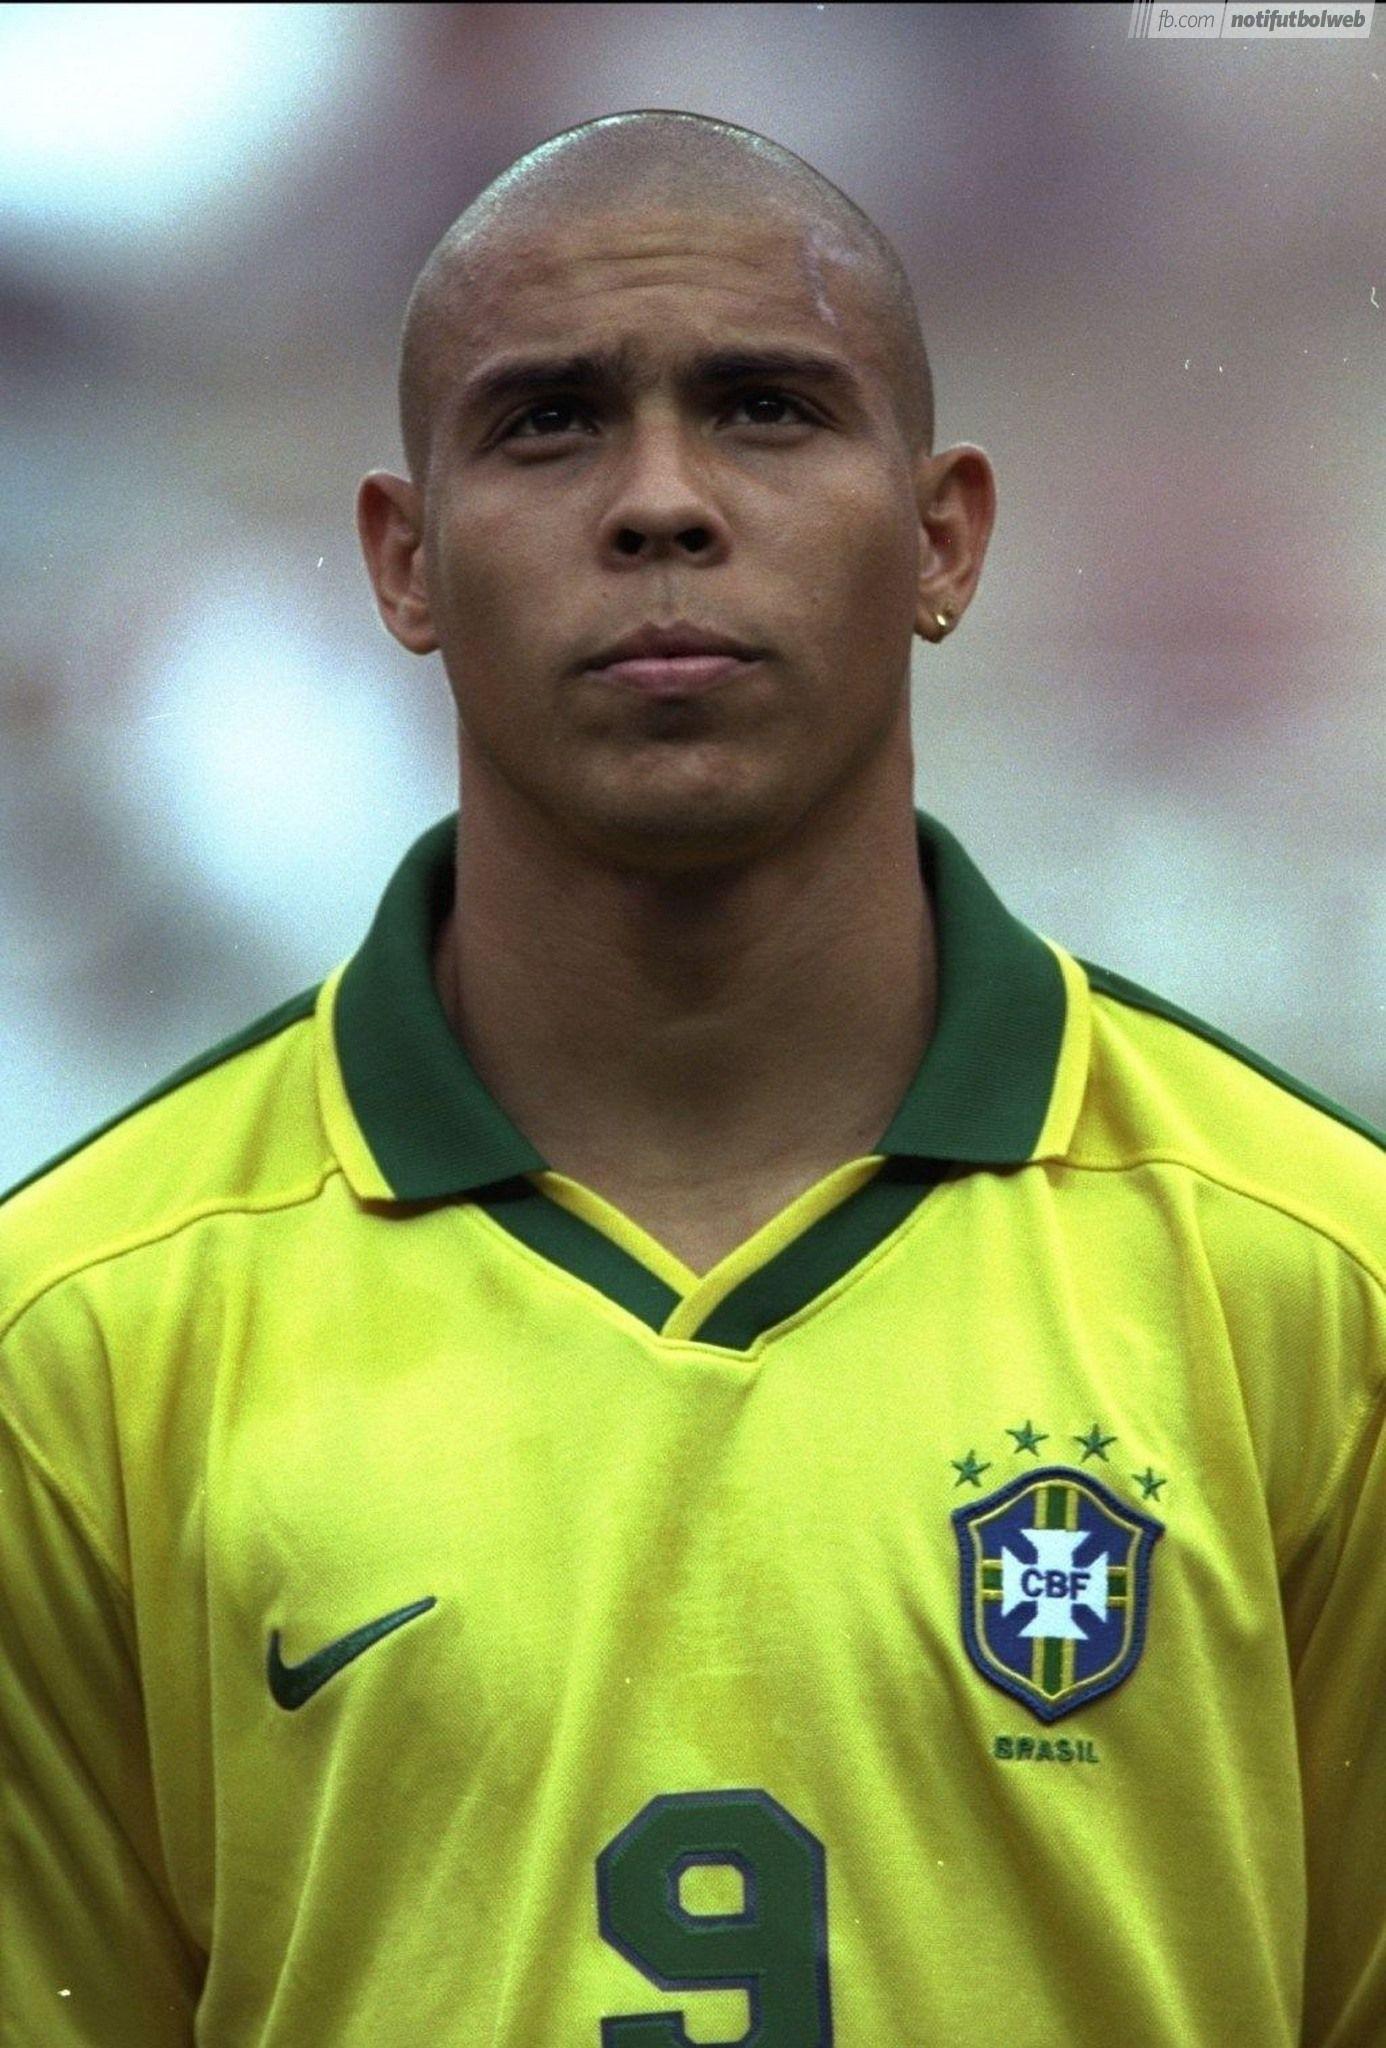 Ronaldo NazГѓВЎRio